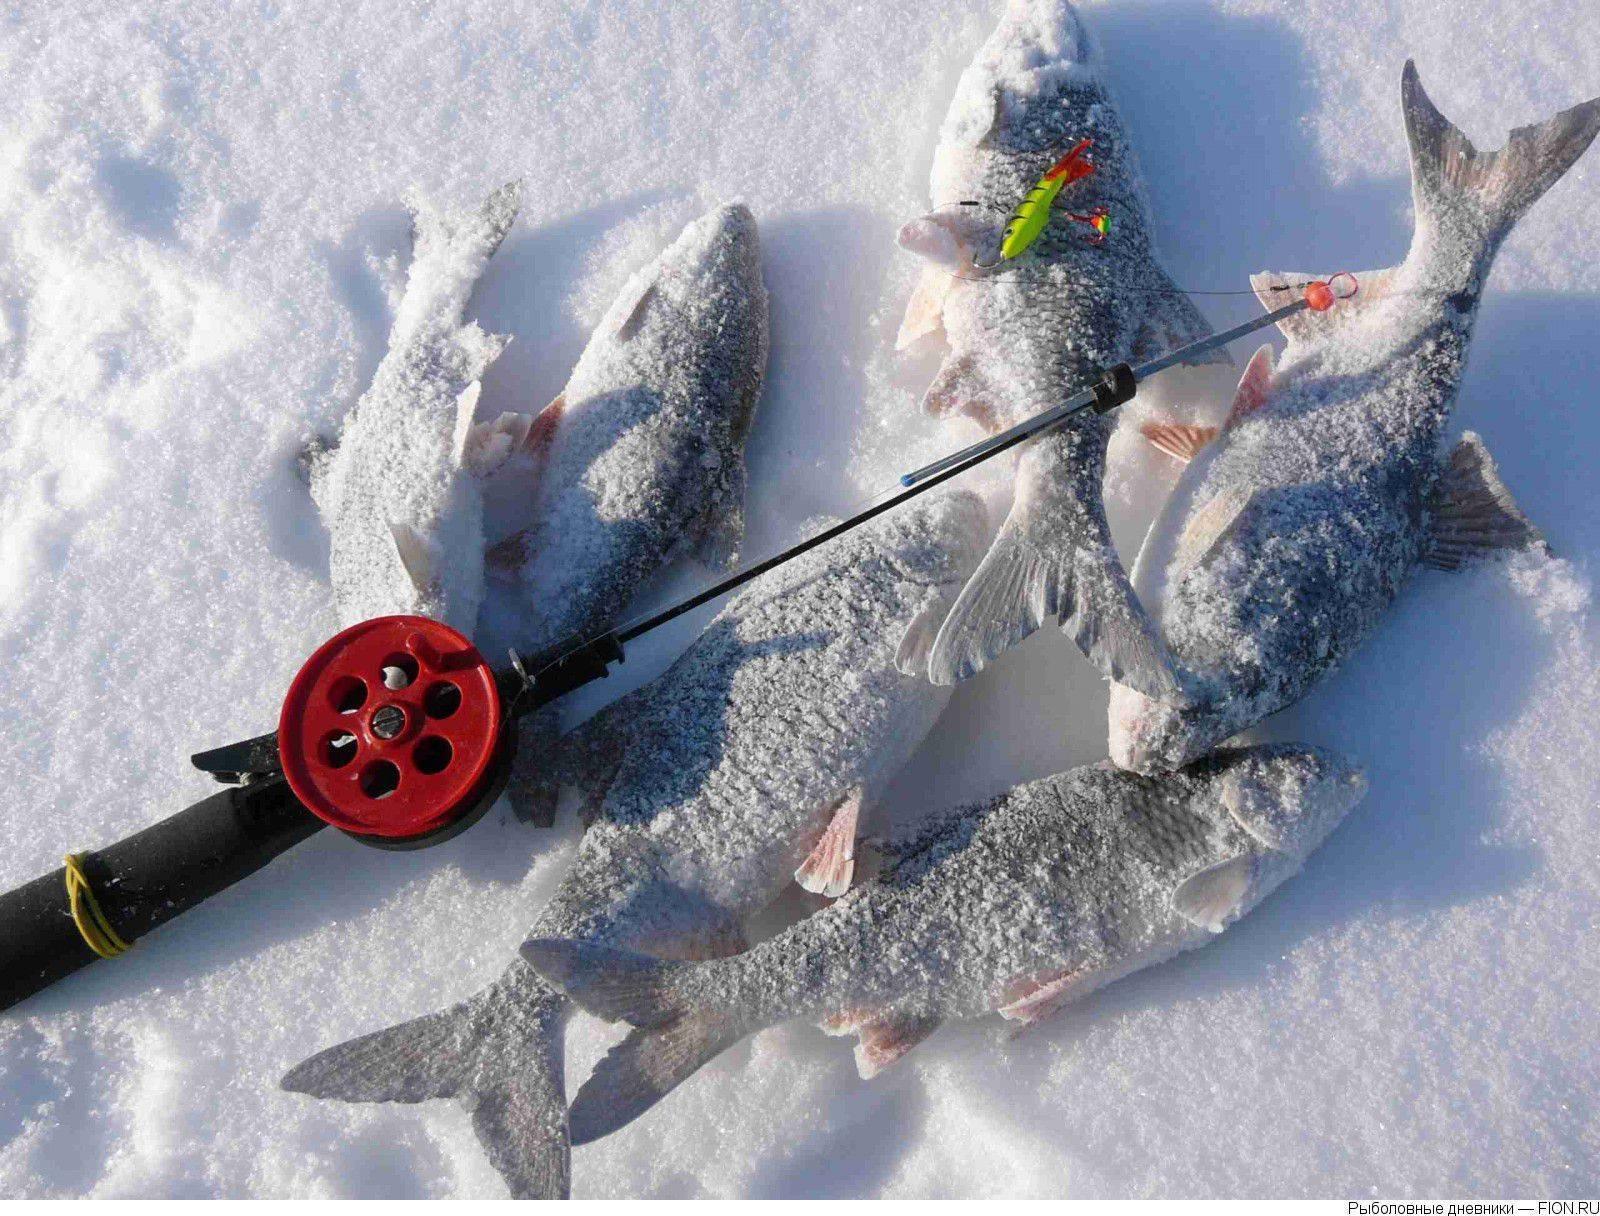 Зимняя рыбалка на щуку на балансир: техника и тактика ловли